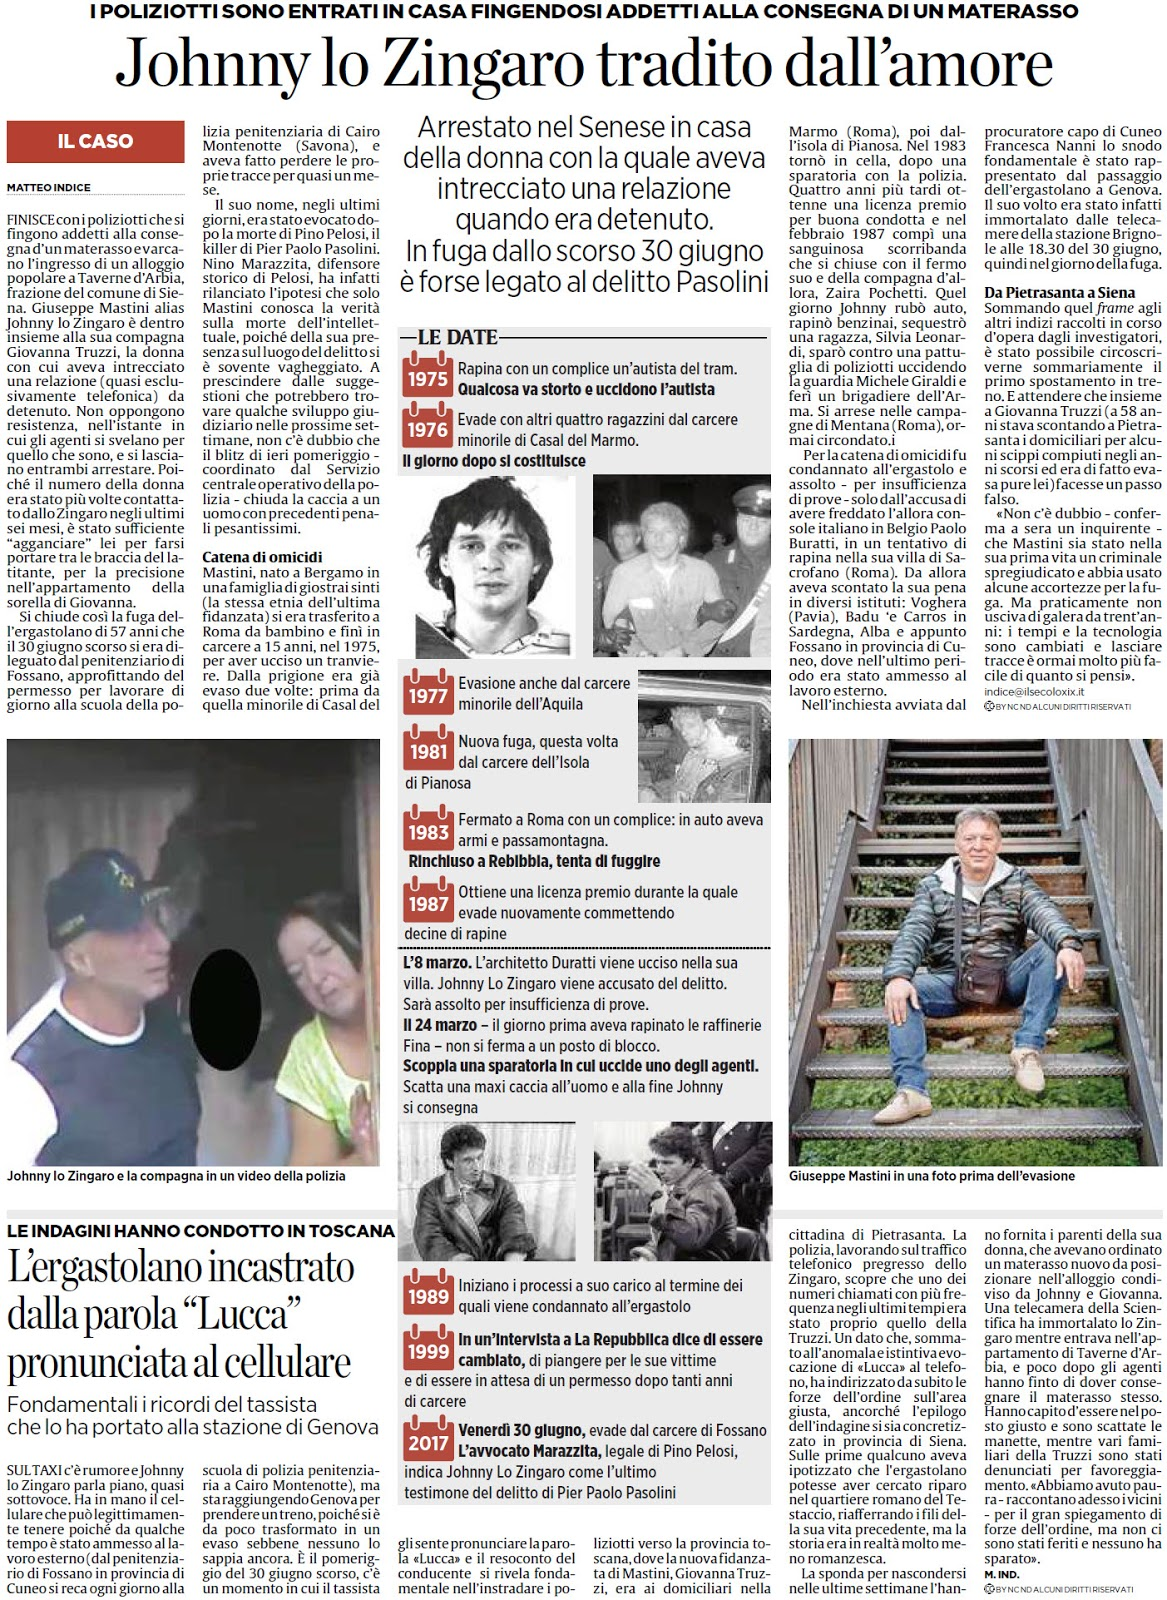 ALASSIOFUTURA: Siena - Taverne d'Arbia: Johnny lo Zingaro tradito  dall'amore. Arrestato nel senese Giuseppe Mastini, in casa di una donna con  la quale intratteneva una relazione da quando era detenuto. Giuseppe Mastini